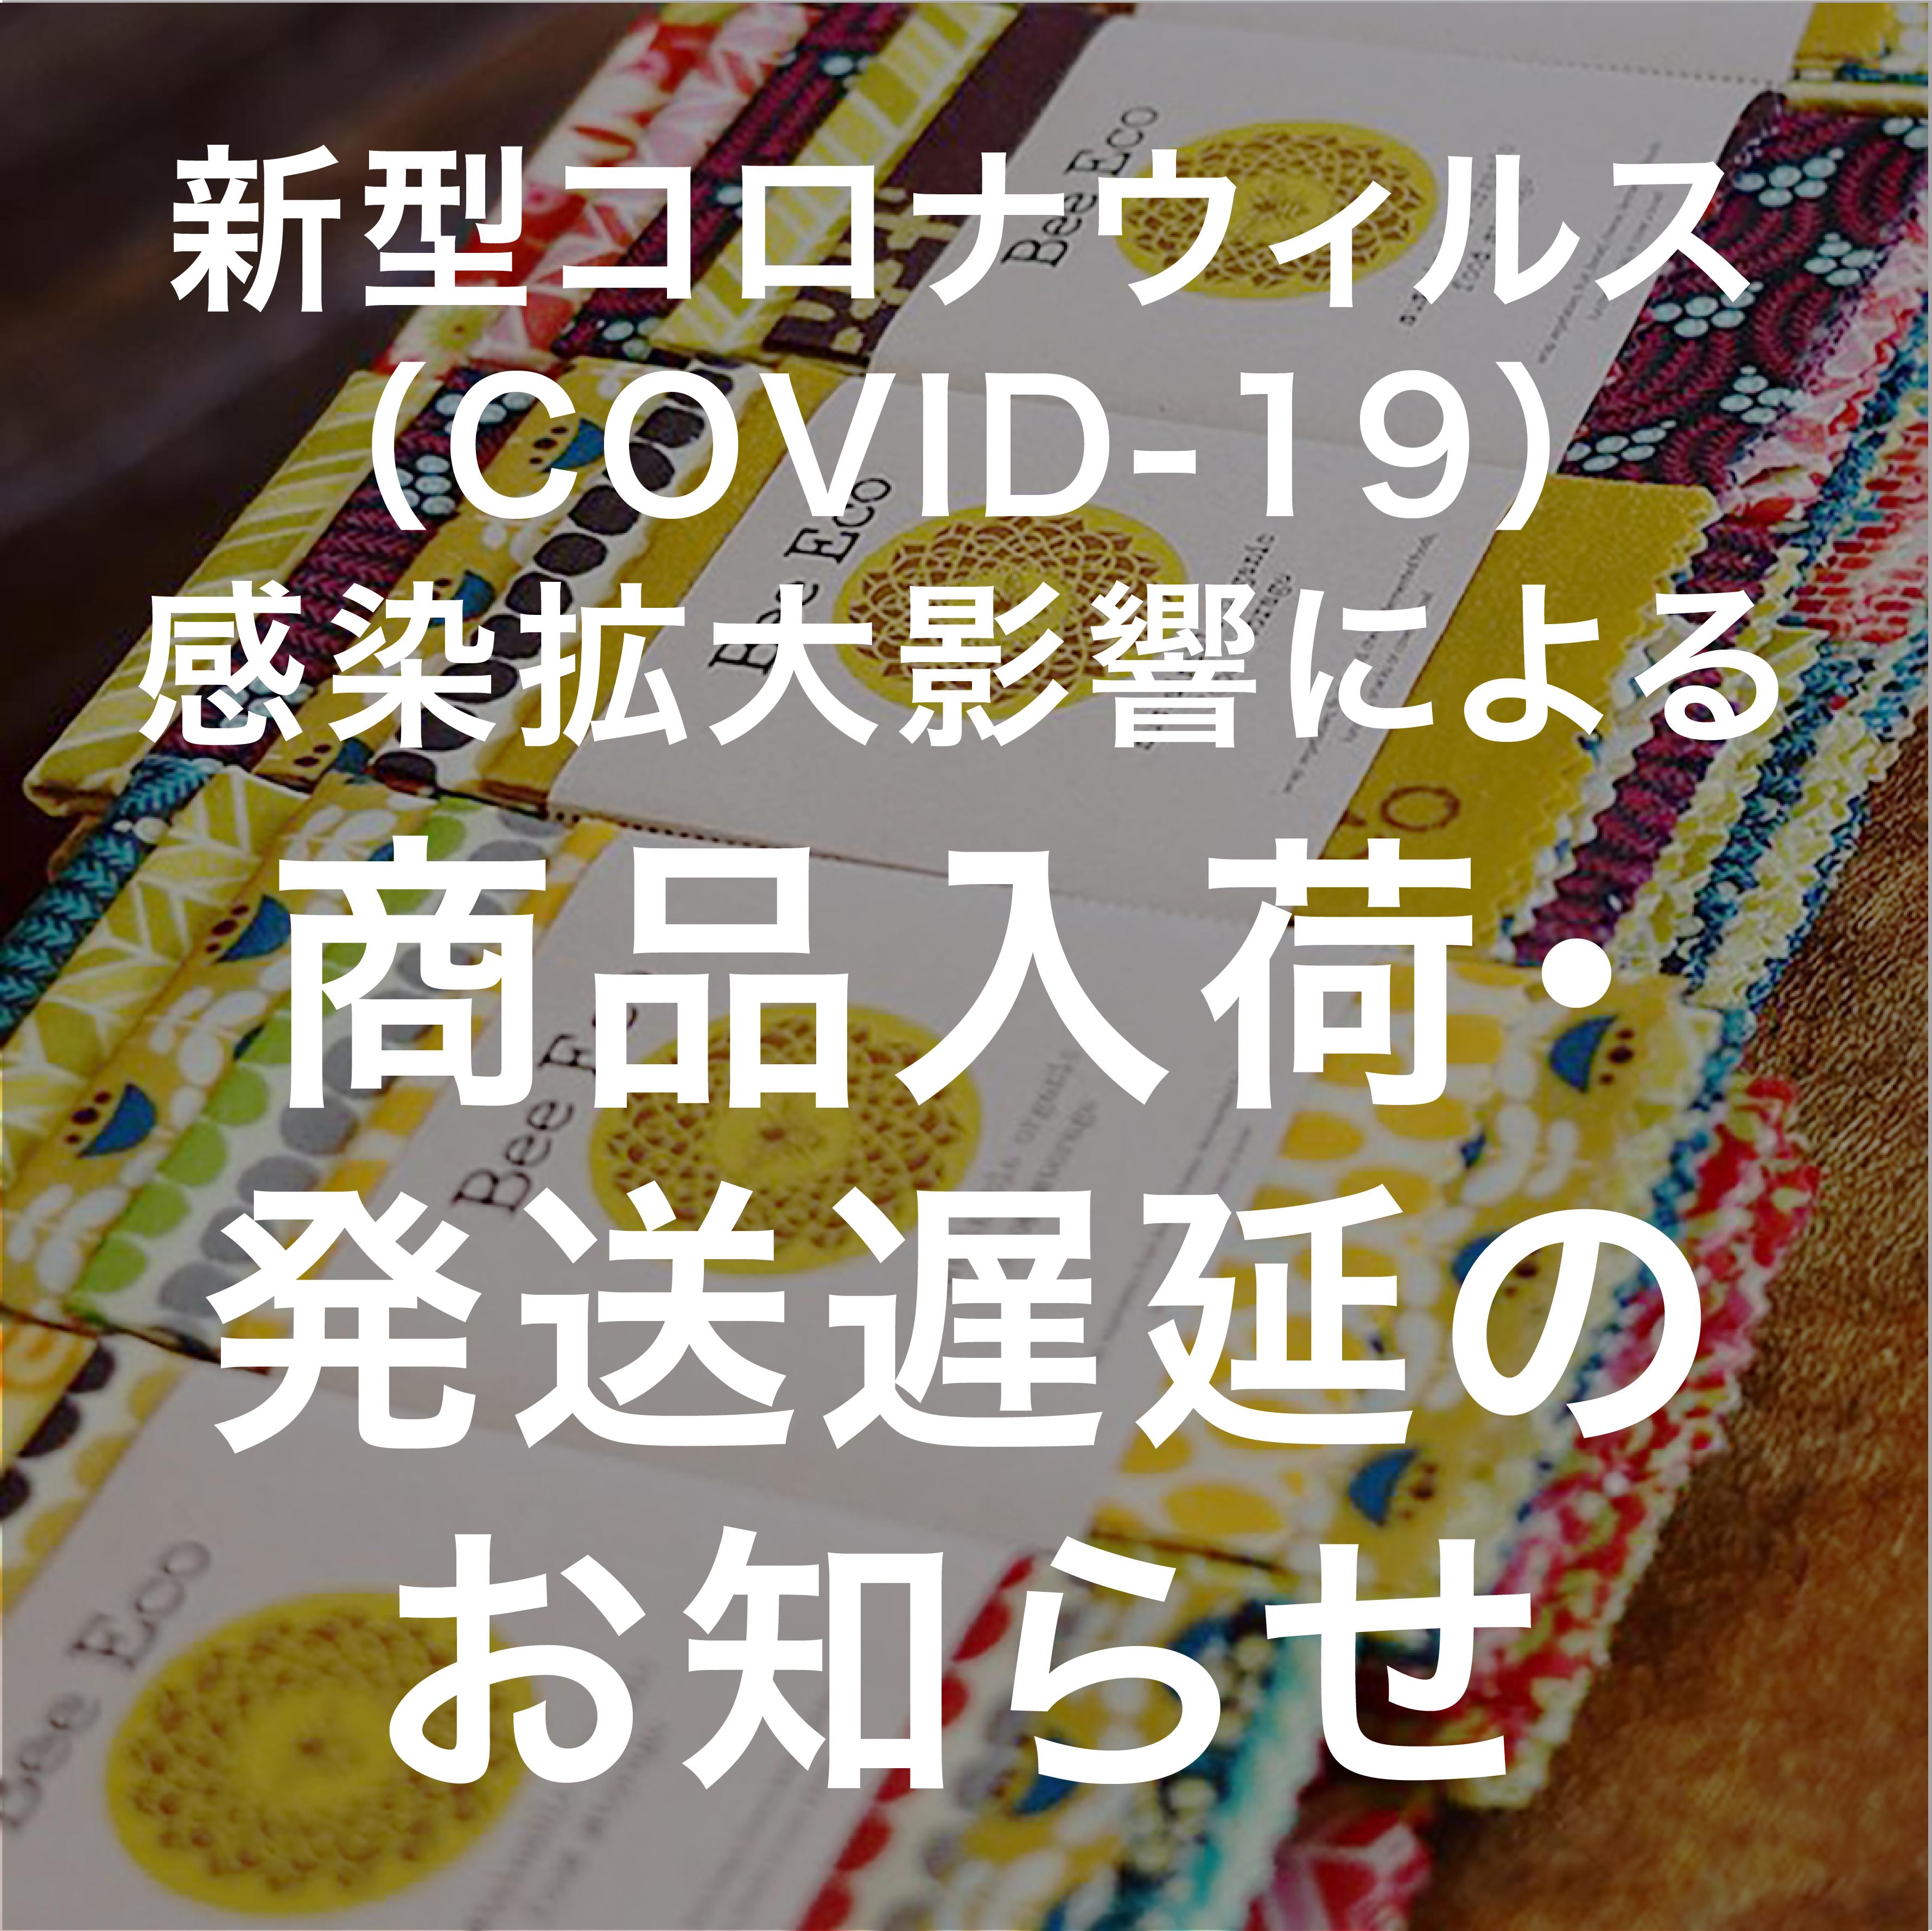 新型コロナウィルス(COVID-19)感染拡大の影響による入荷・出荷遅延のお知らせ